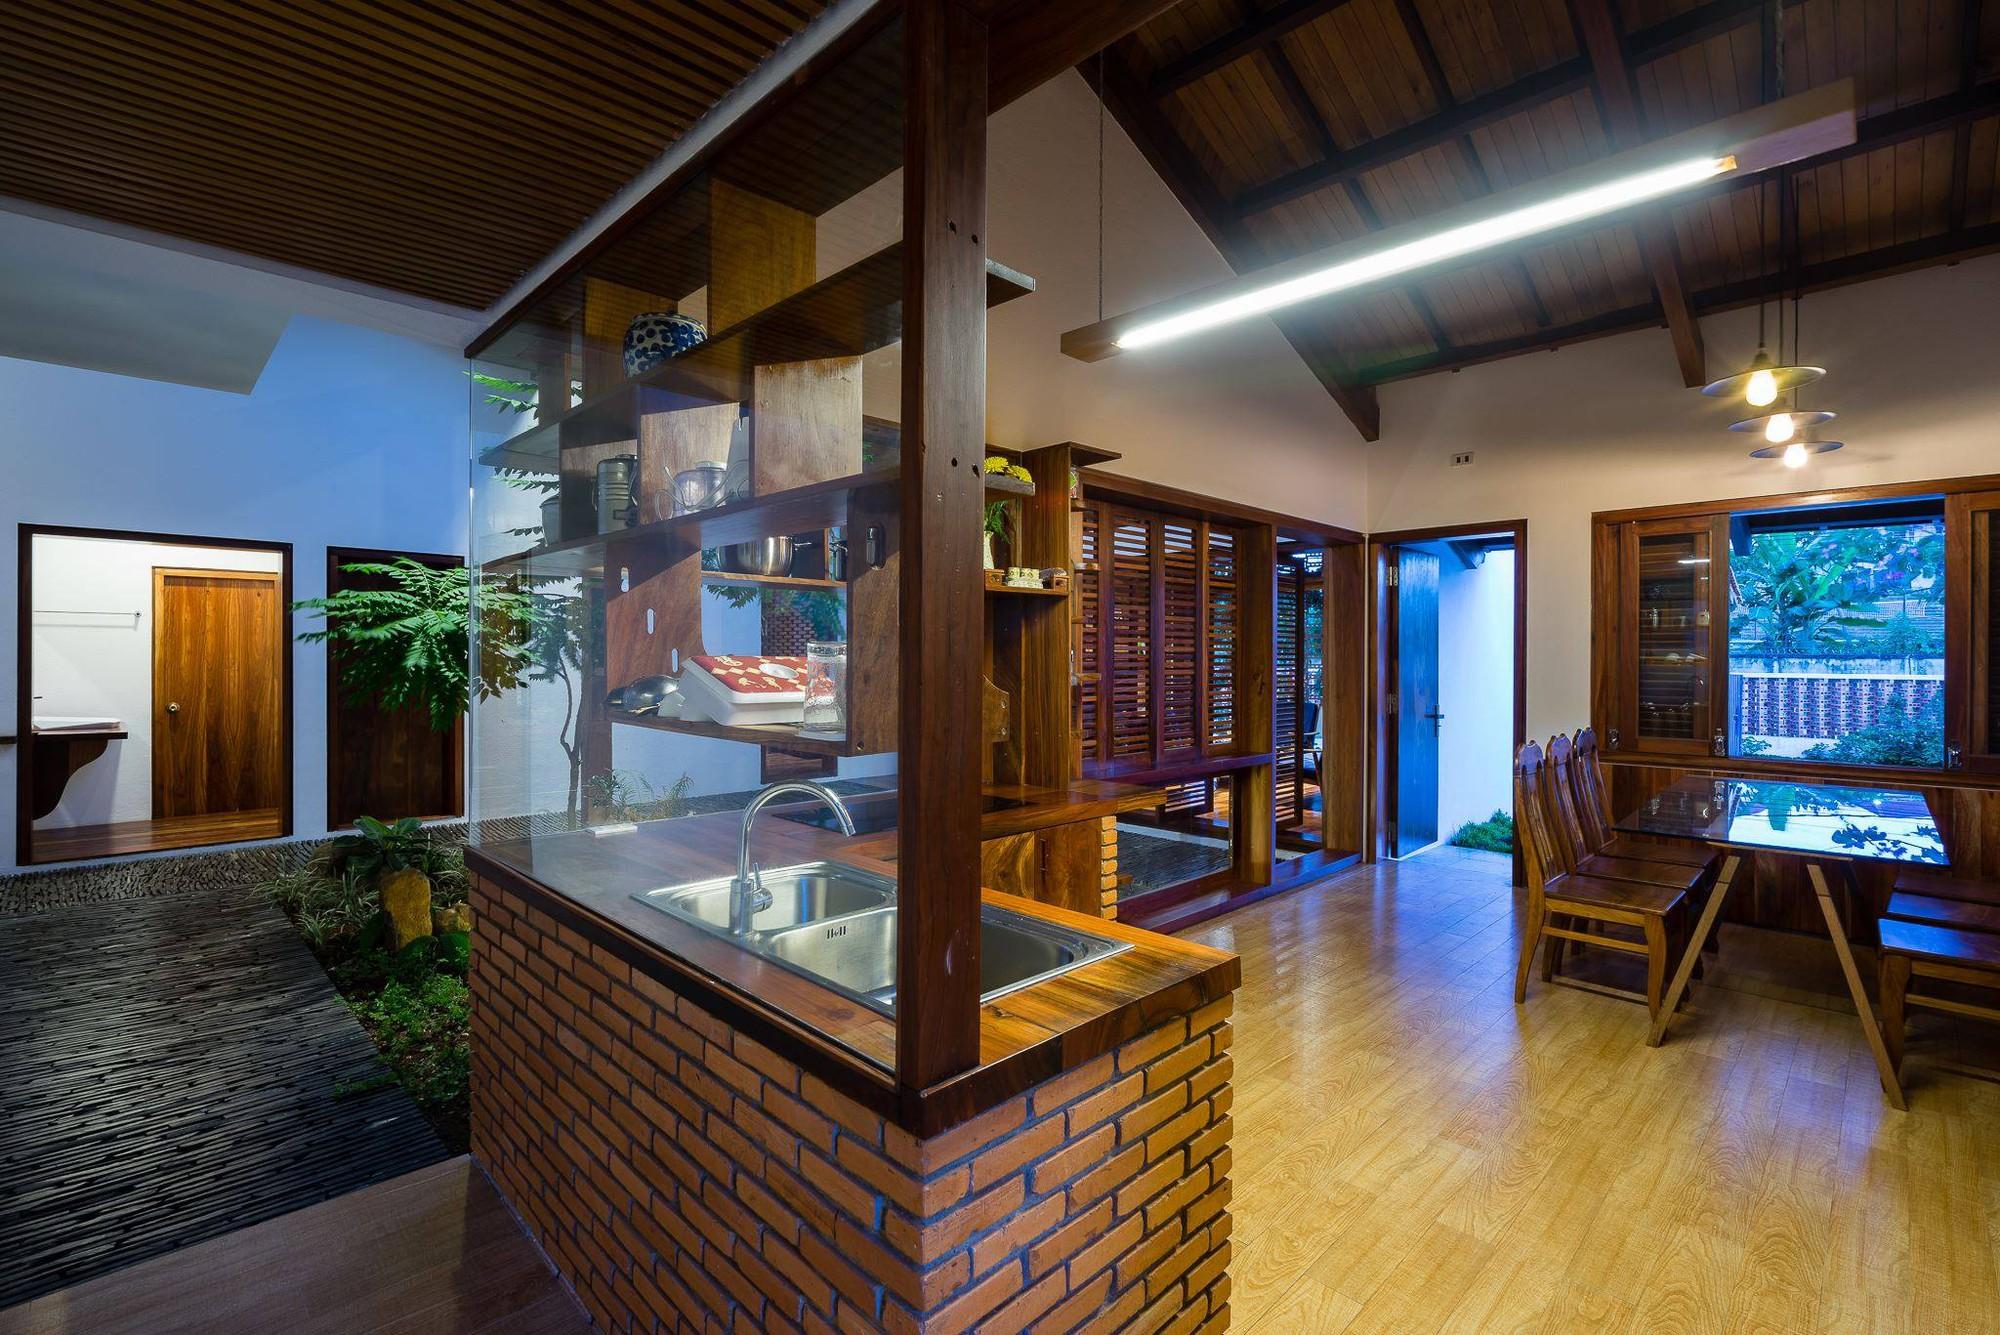 nha-dep-13-1531708744877985629521 Ngôi nhà mái ngói cấp 4 đẹp như resort khiến nhiều người ước mơ ở Lâm Đồng